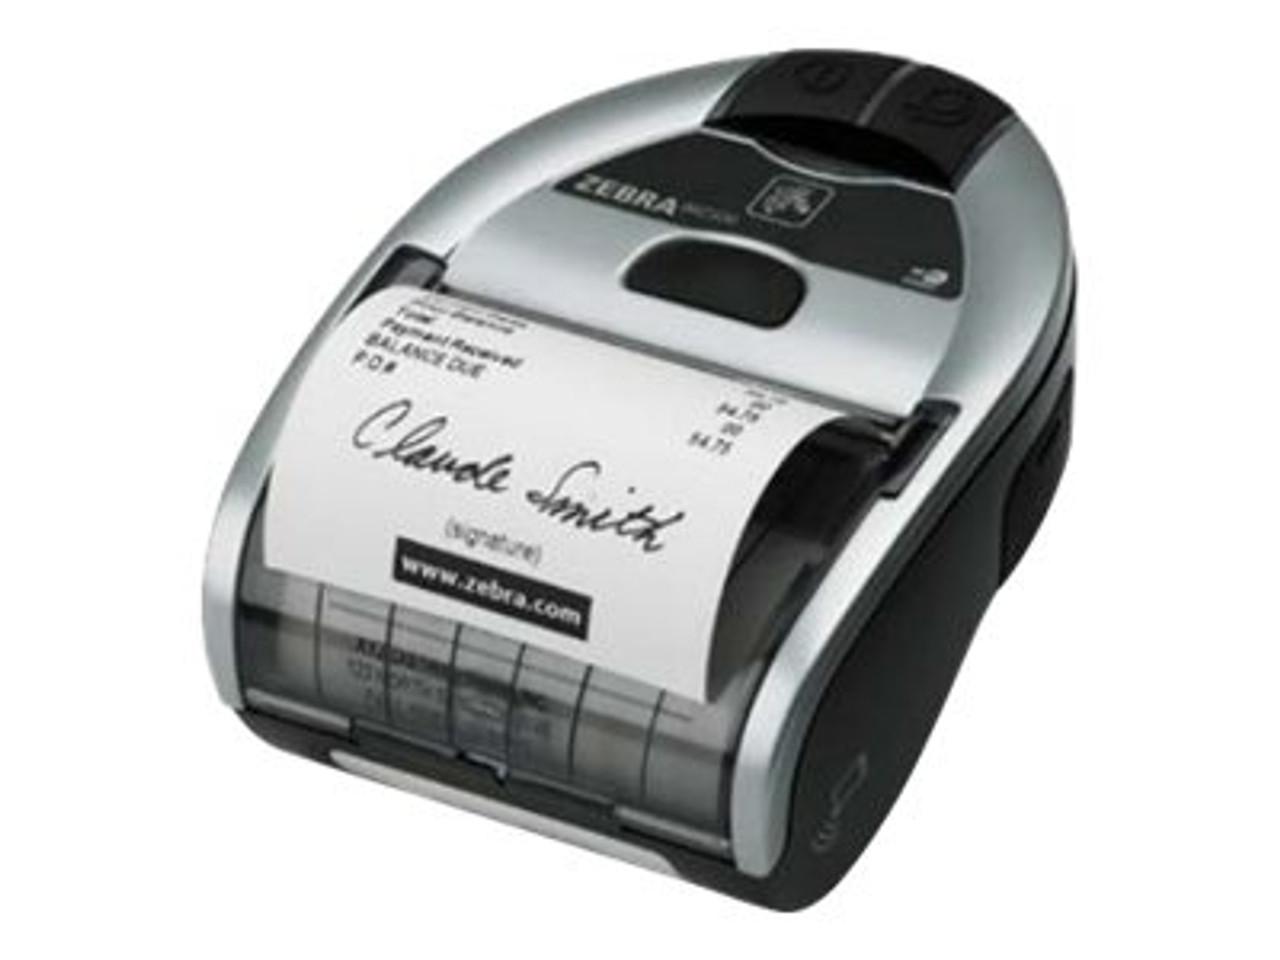 iMZ320 Printers